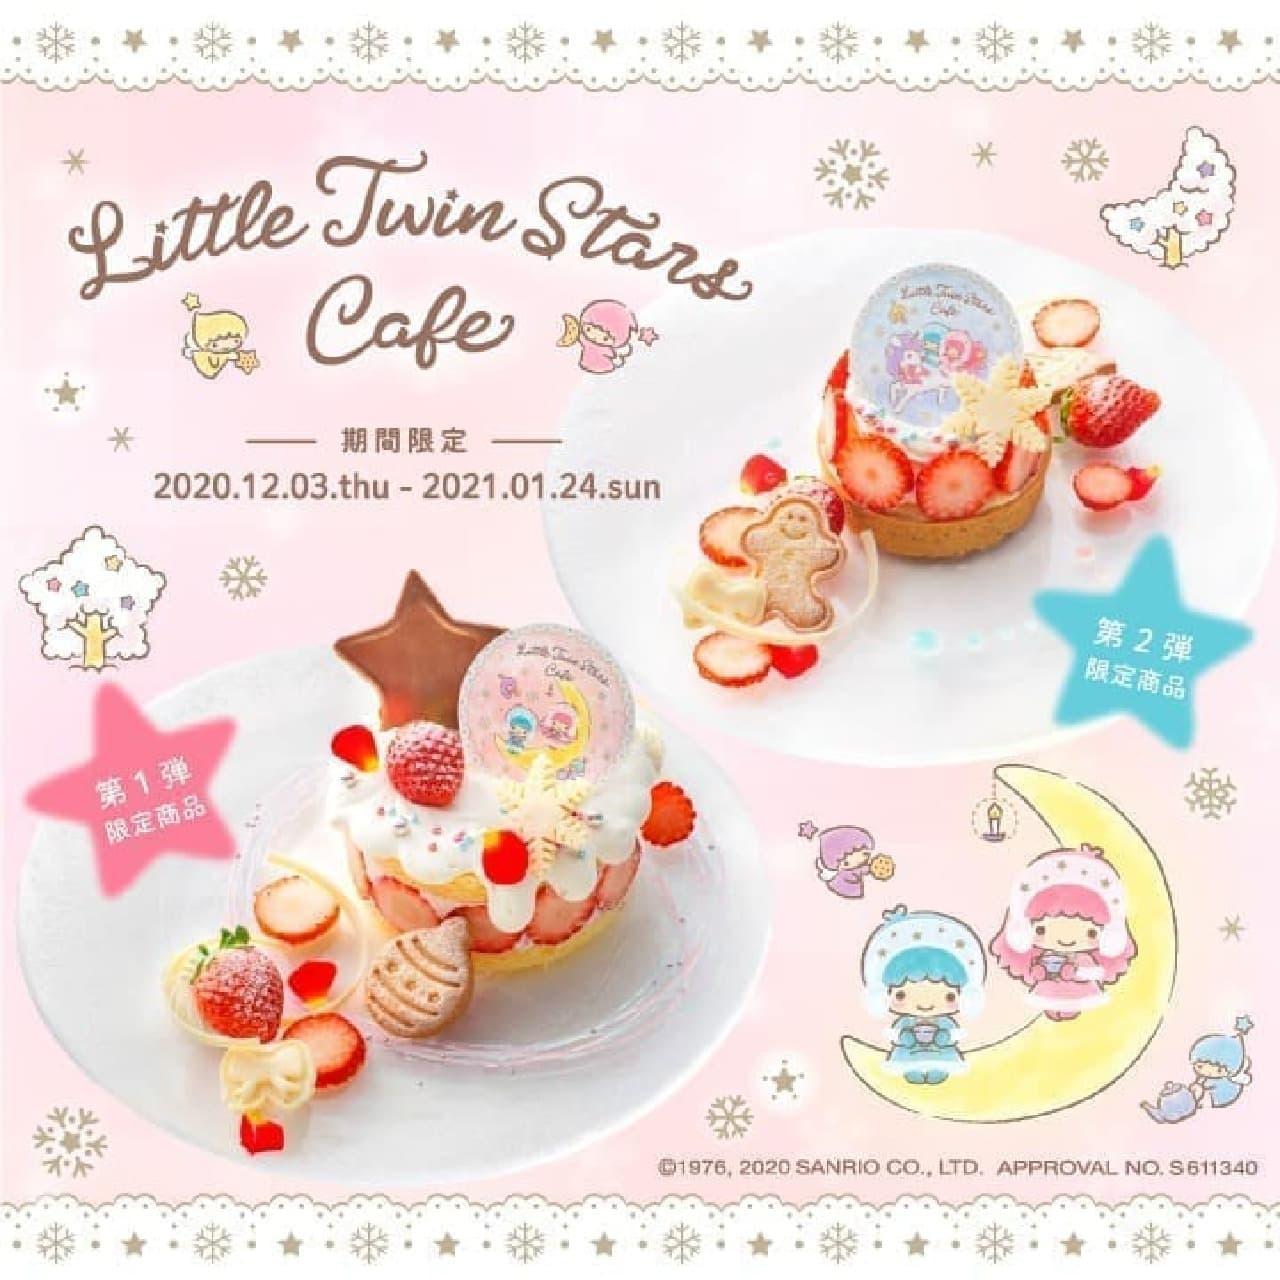 「Little Twin Stars」コラボカフェ